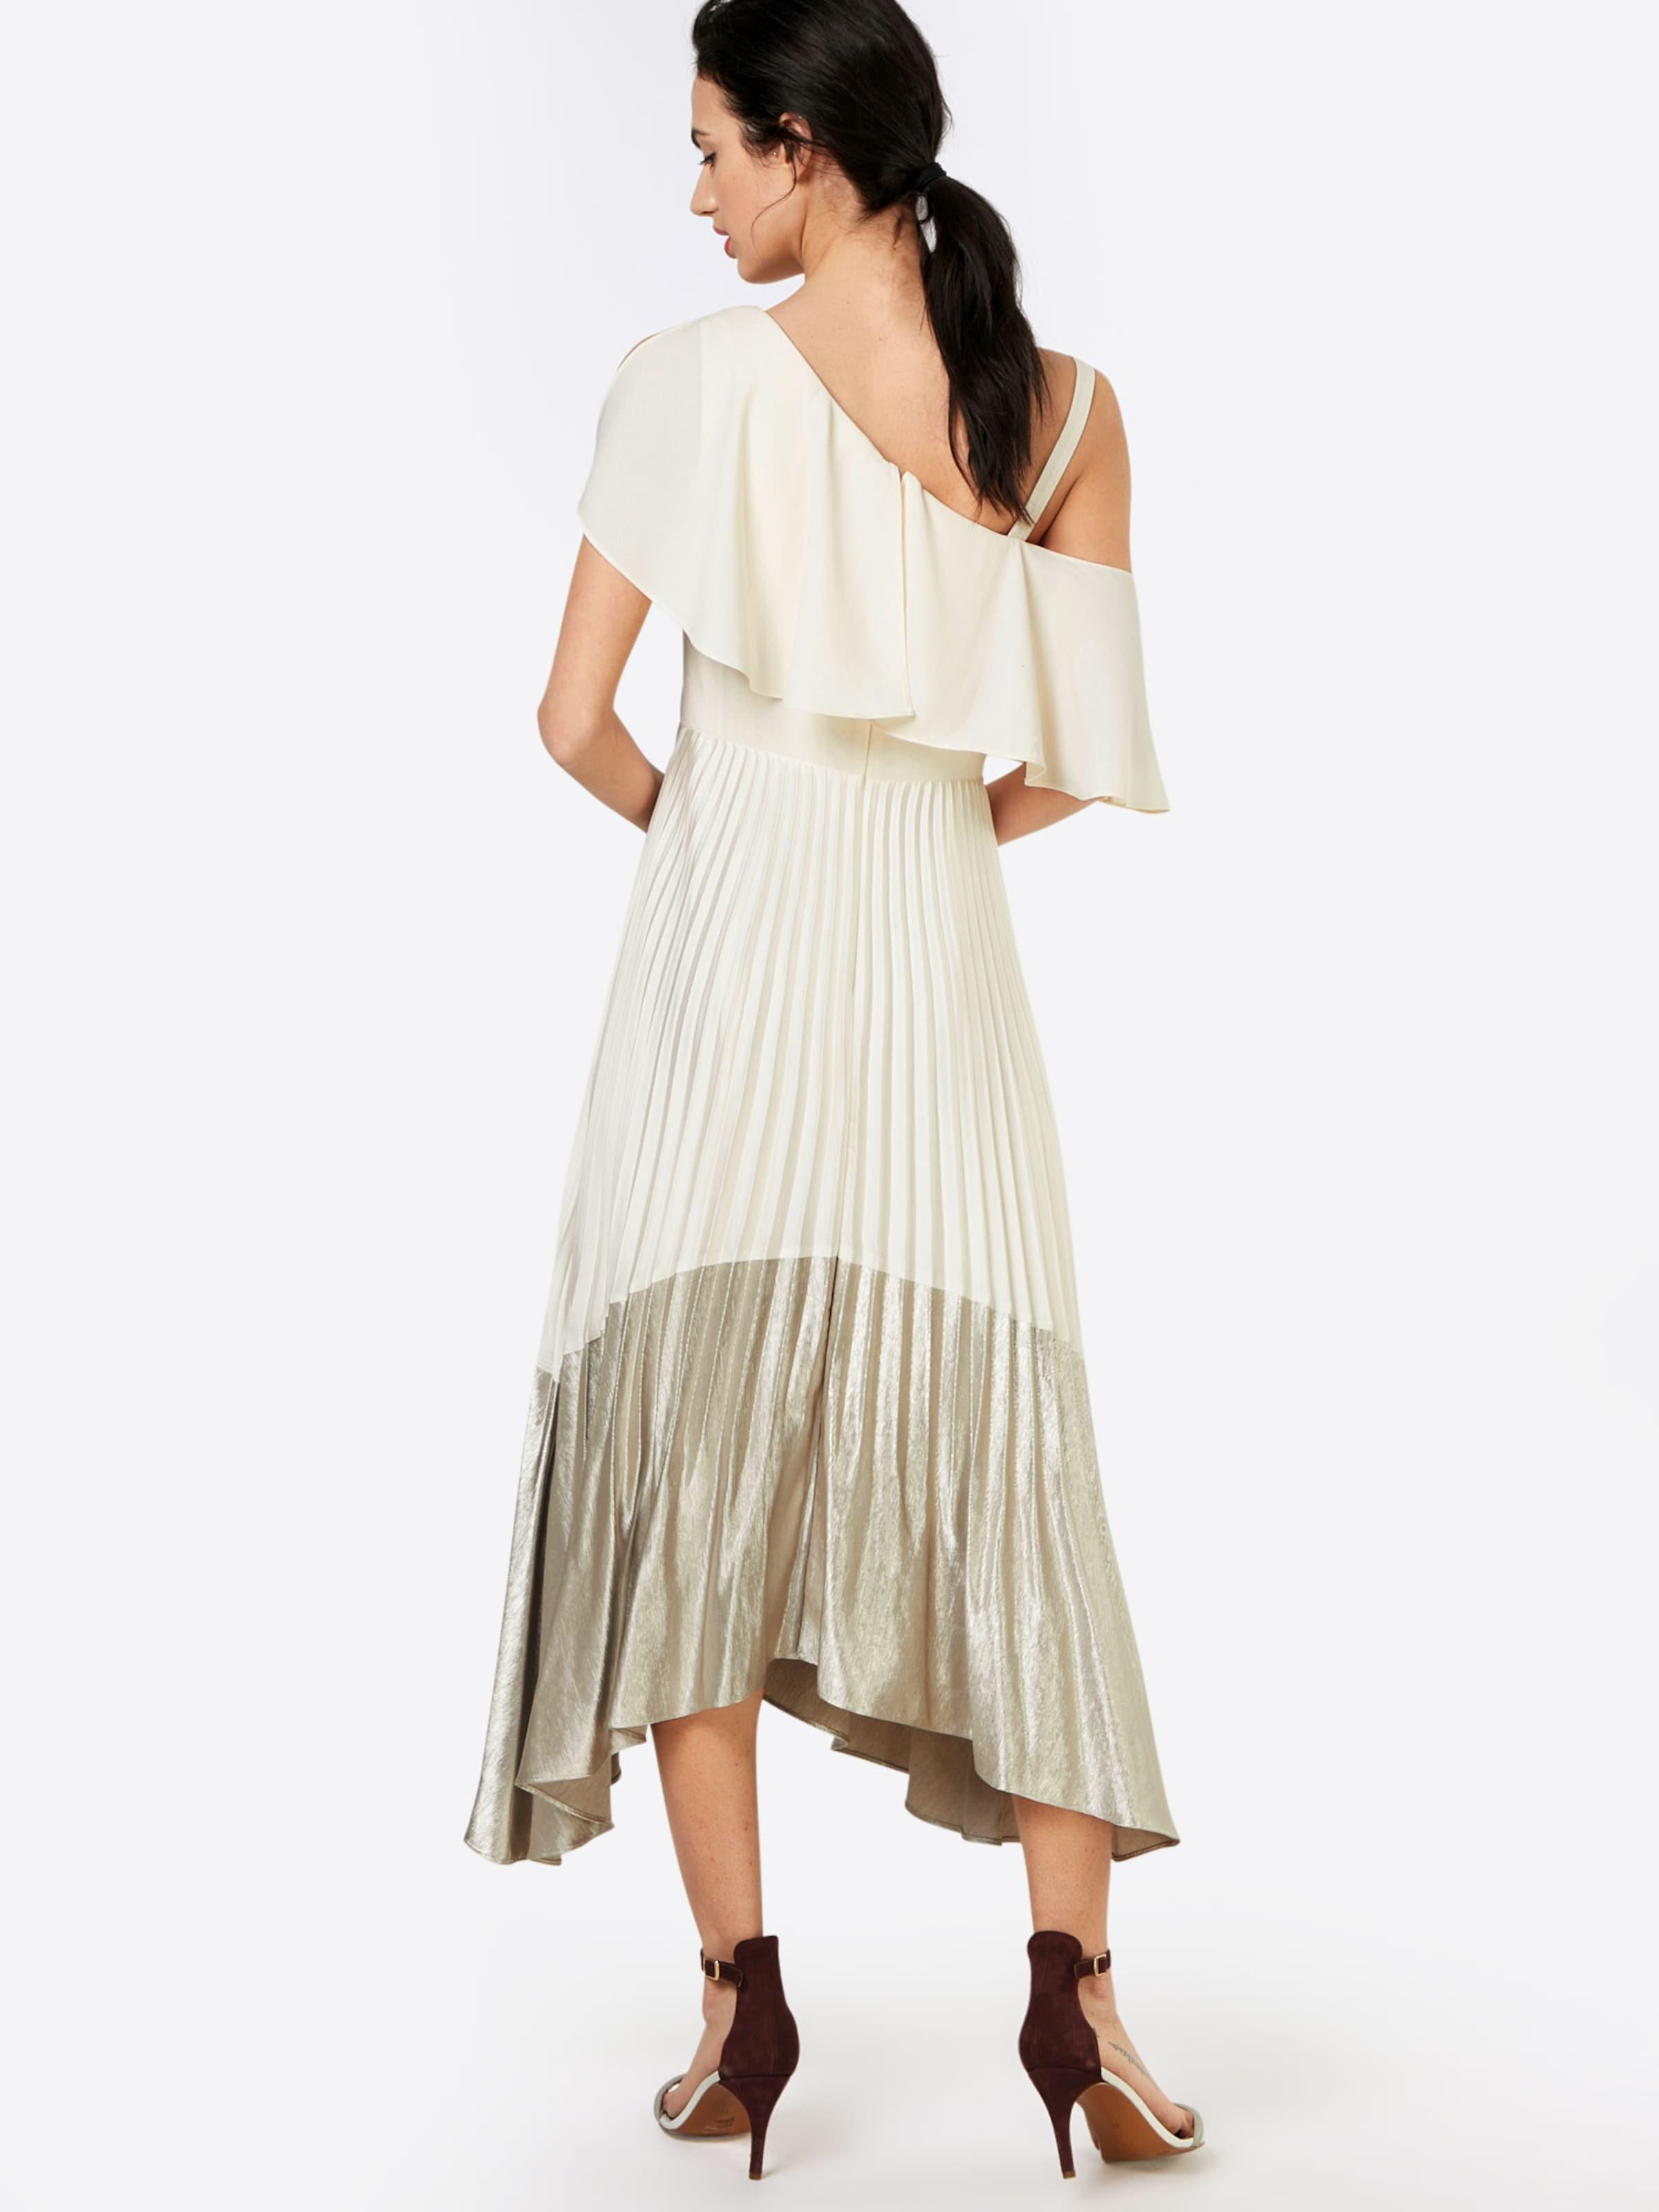 Coast Kleid 'TONYA TOOLA' Shop Für Online Bester Großhandel Günstig Online Rabatt Mode-Stil Verkauf Verkauf Online aNBSPNm